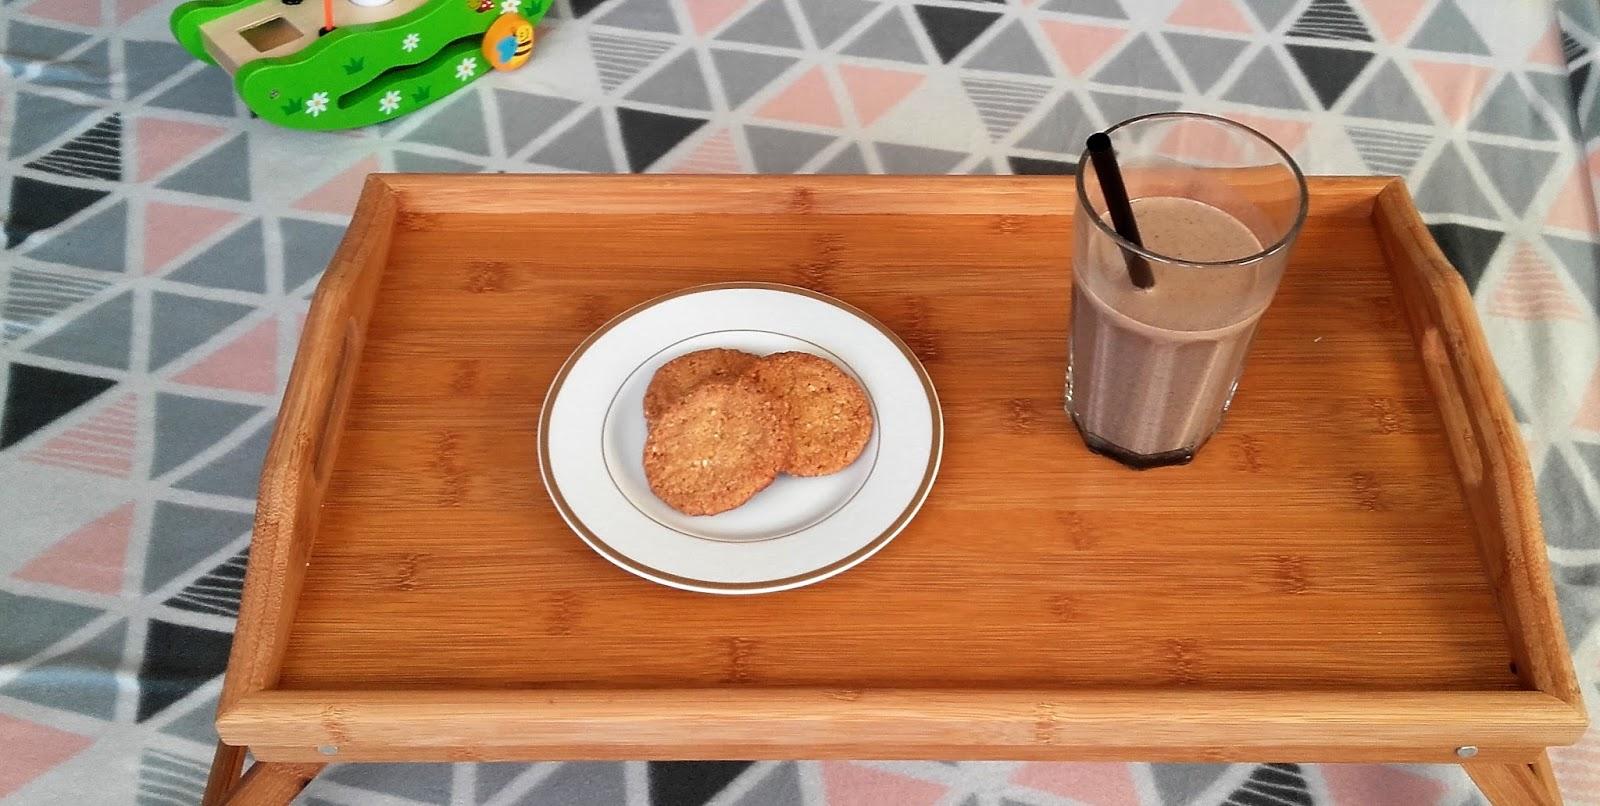 Jak stosować słód jęczmienny na laktację. Laktacja a słód jęczmienny, jak zwiększyć ilość mleka